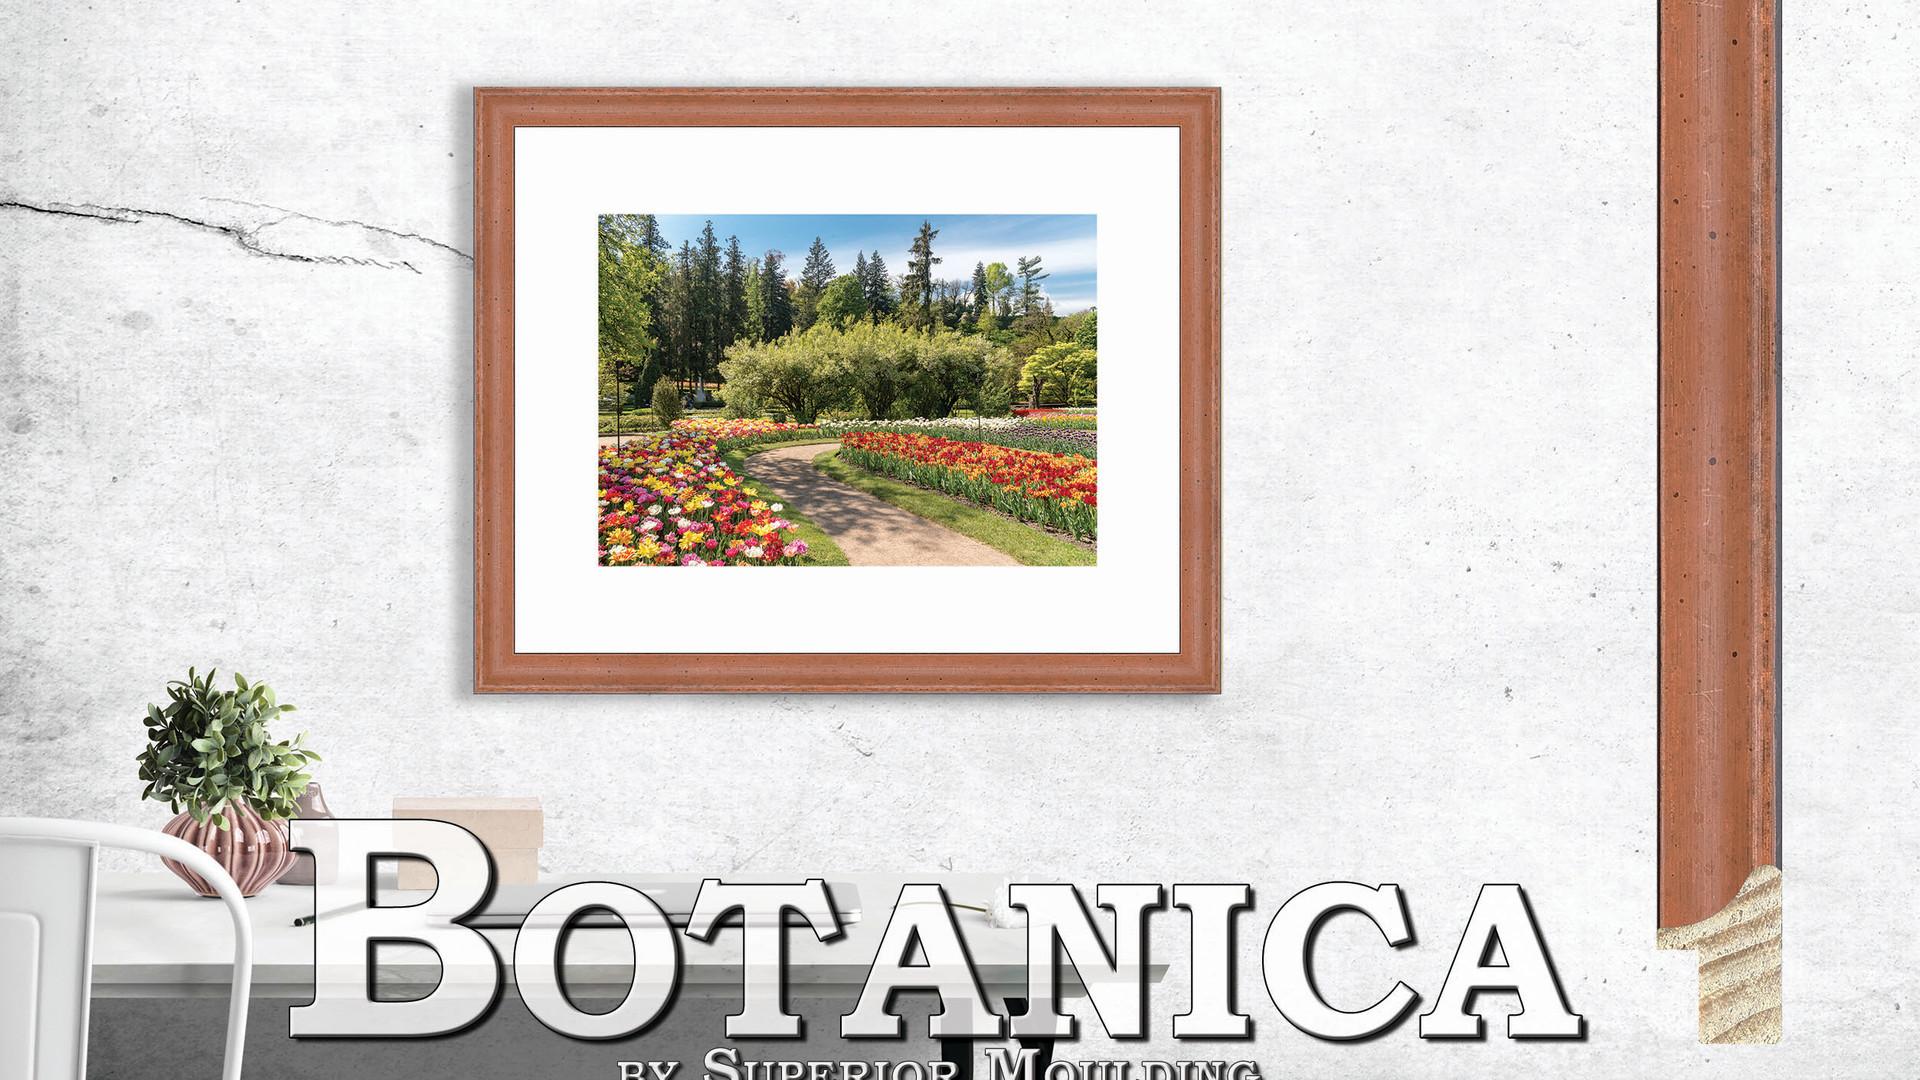 Botanica Moulding